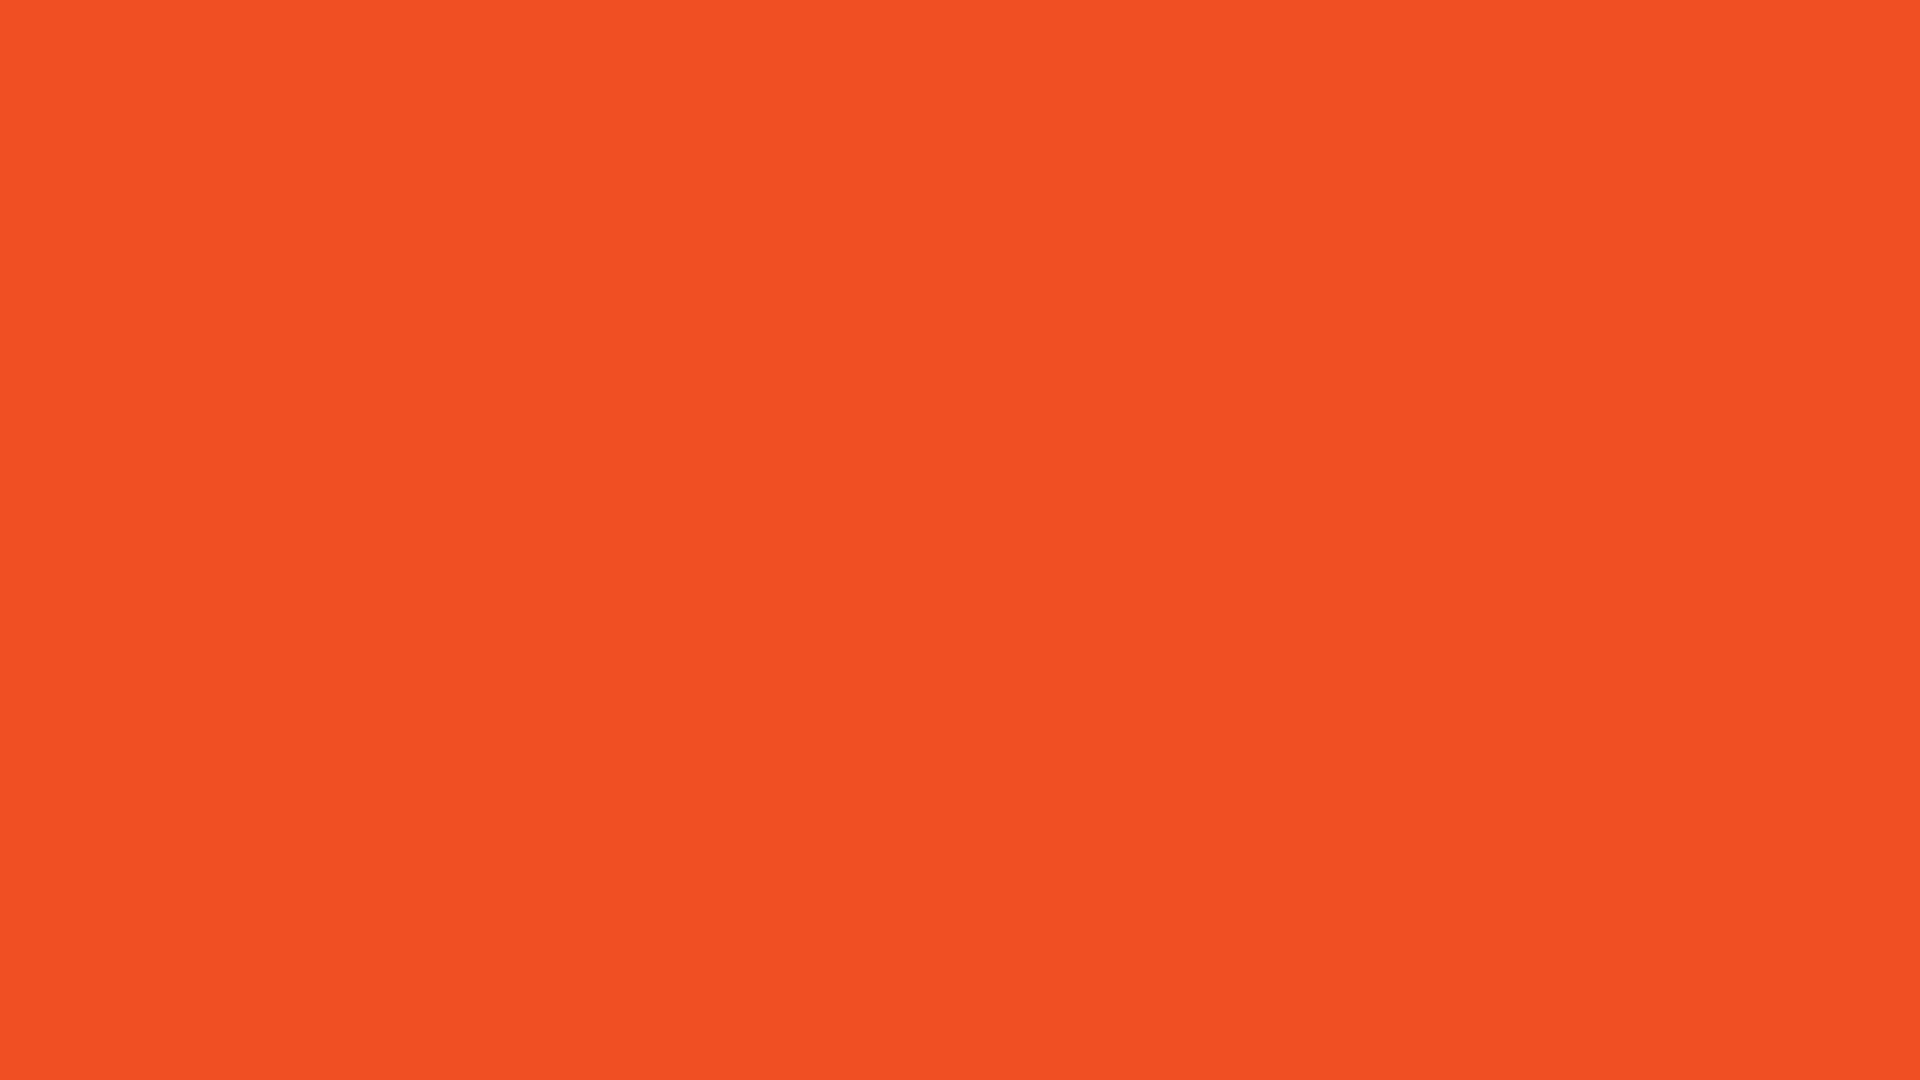 orange - Neogek Web and Graphic Design